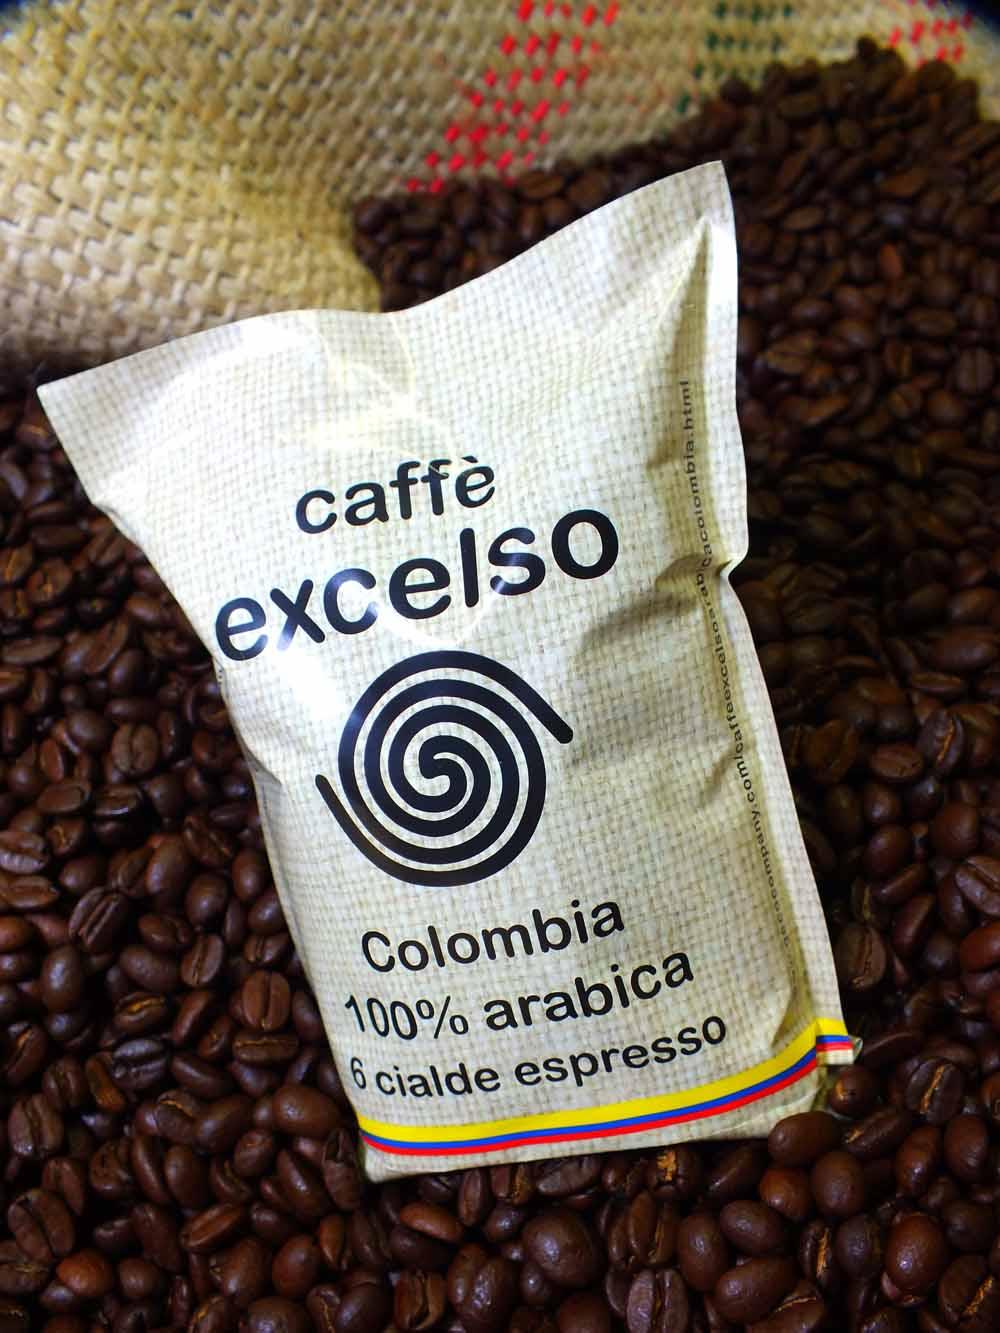 Caffe excelso arabica colombia 6 cialde geco company store - Diversi tipi di caffe ...